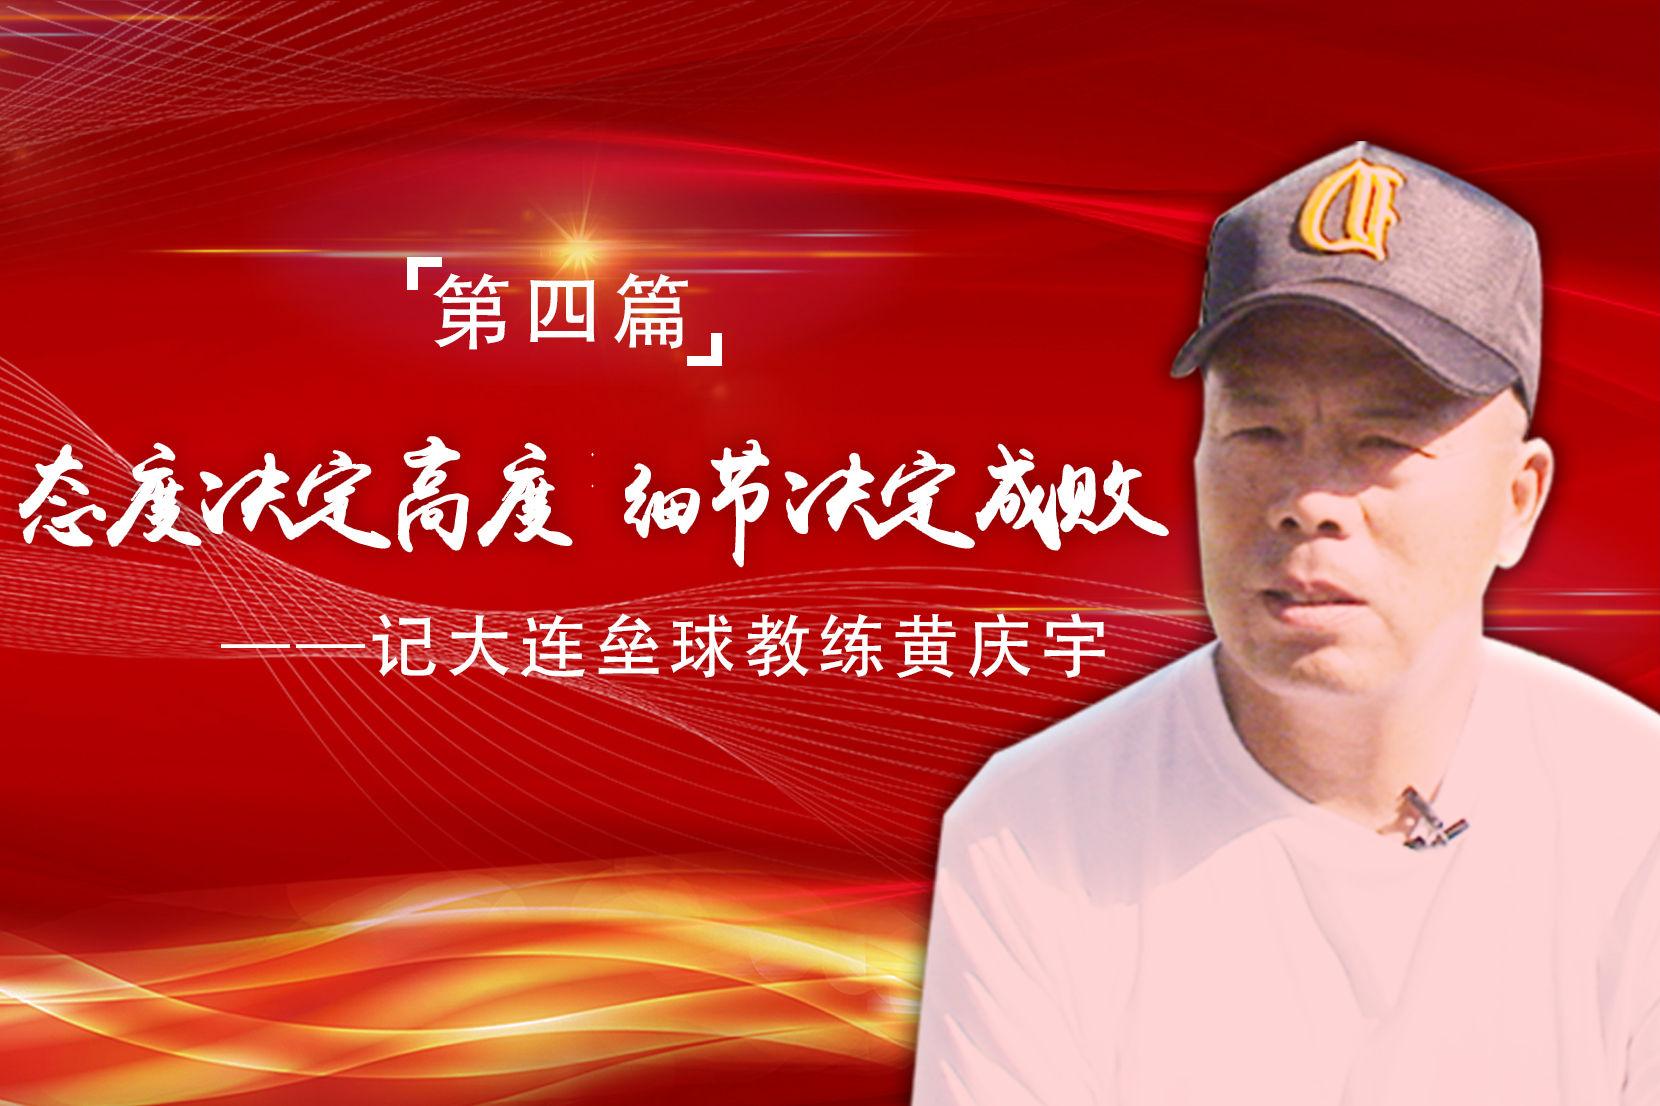 第四篇《態度決定高度,細節決定成敗——記大連壘球教練黃慶宇》